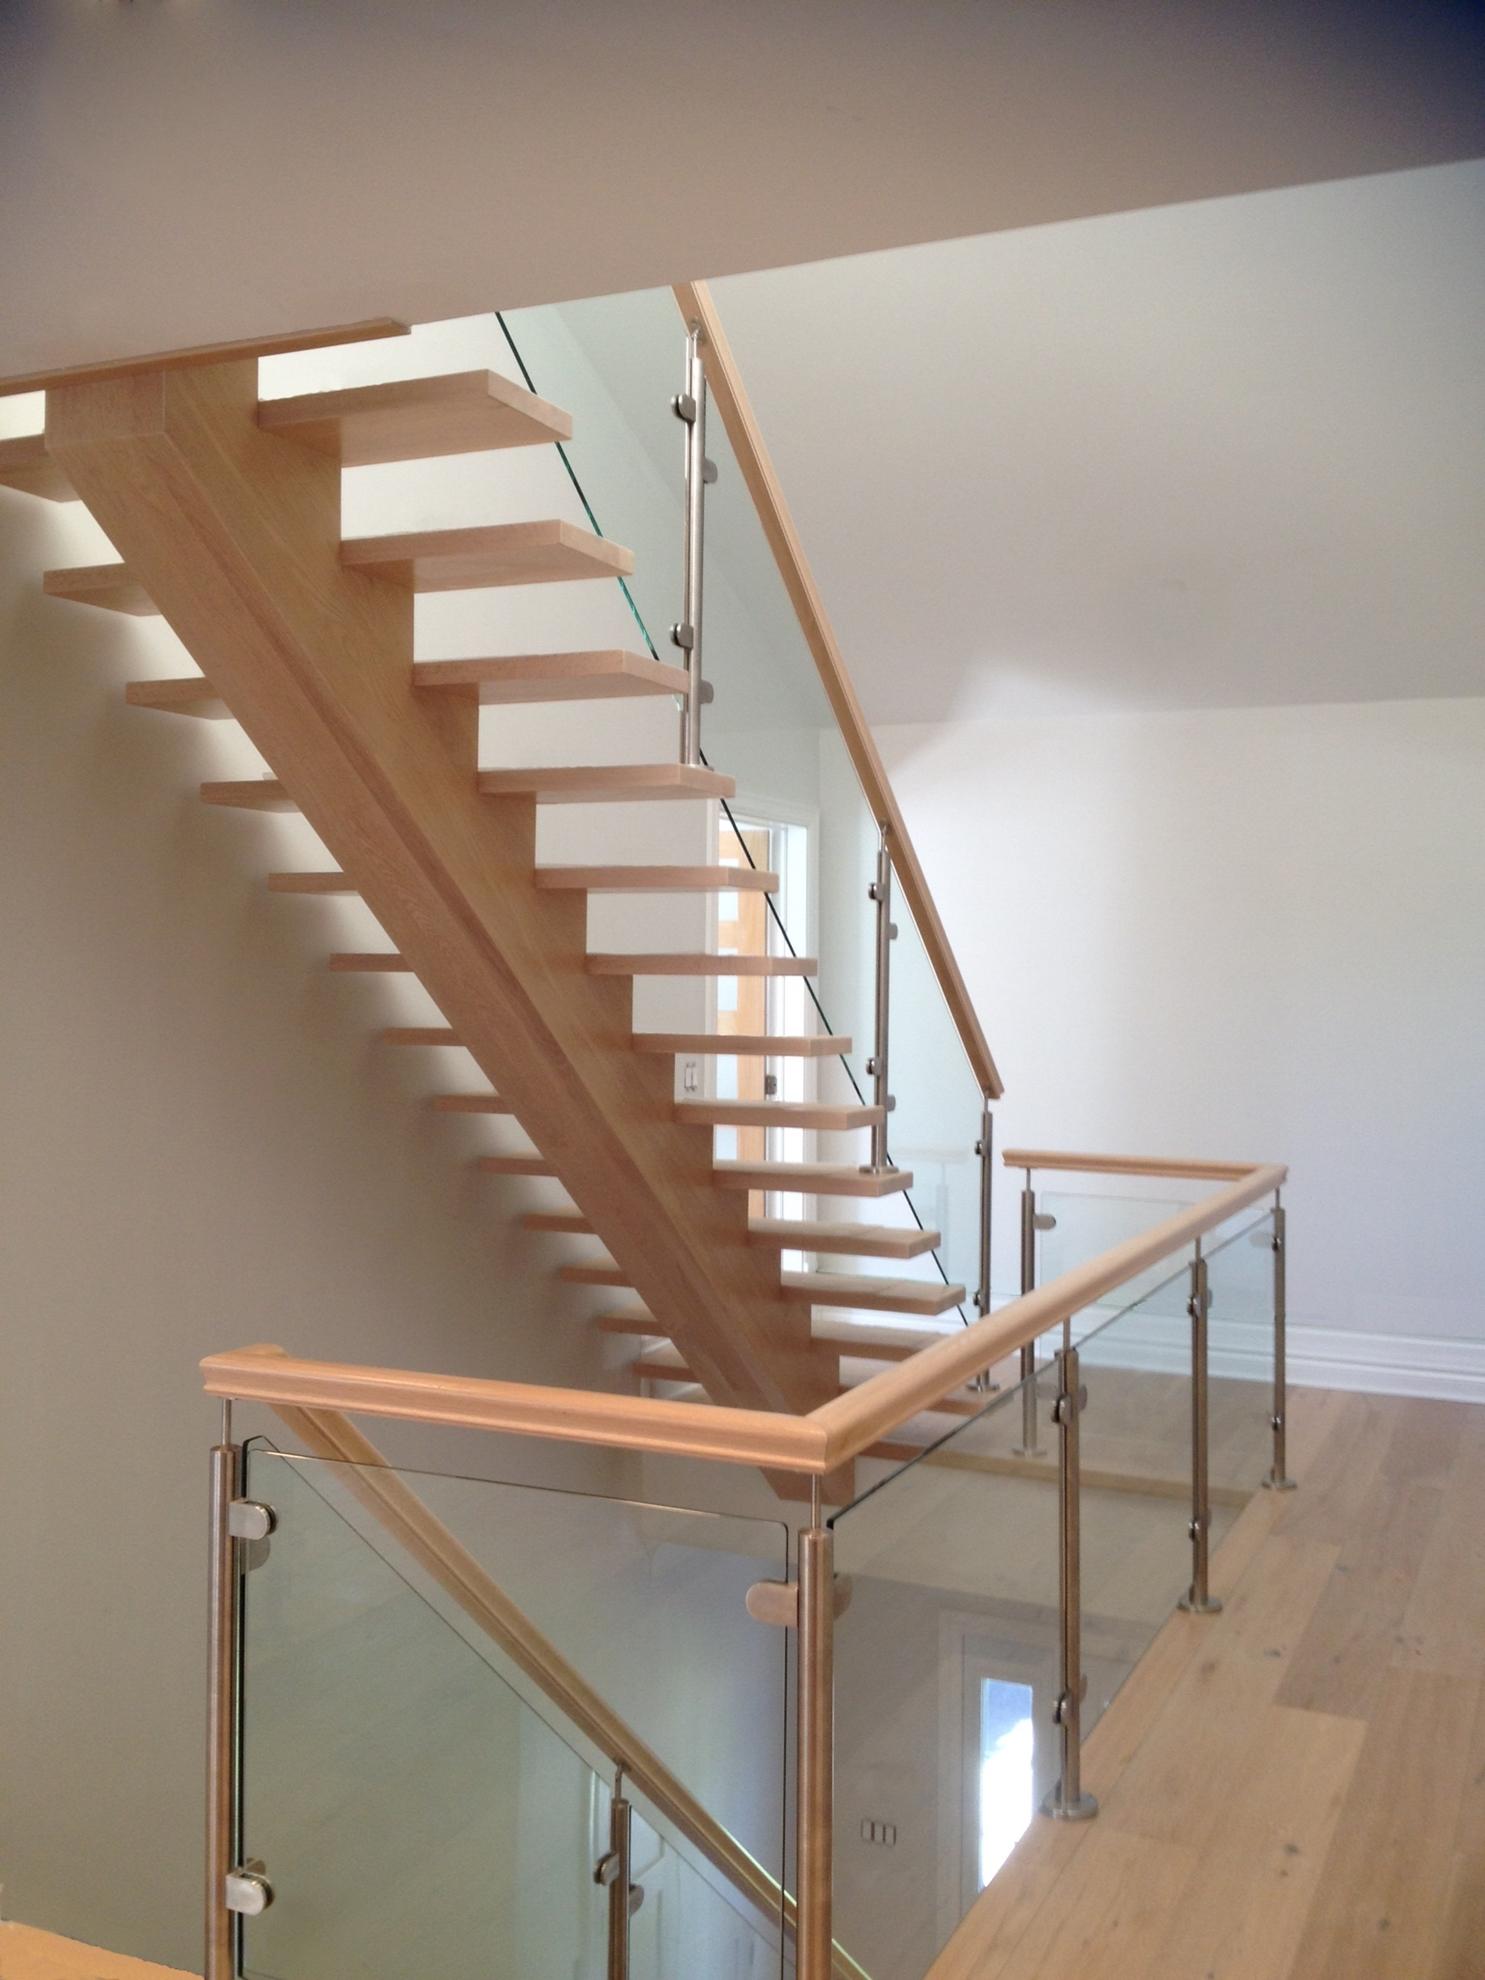 Picture of 02-Escalier panneaux de verre